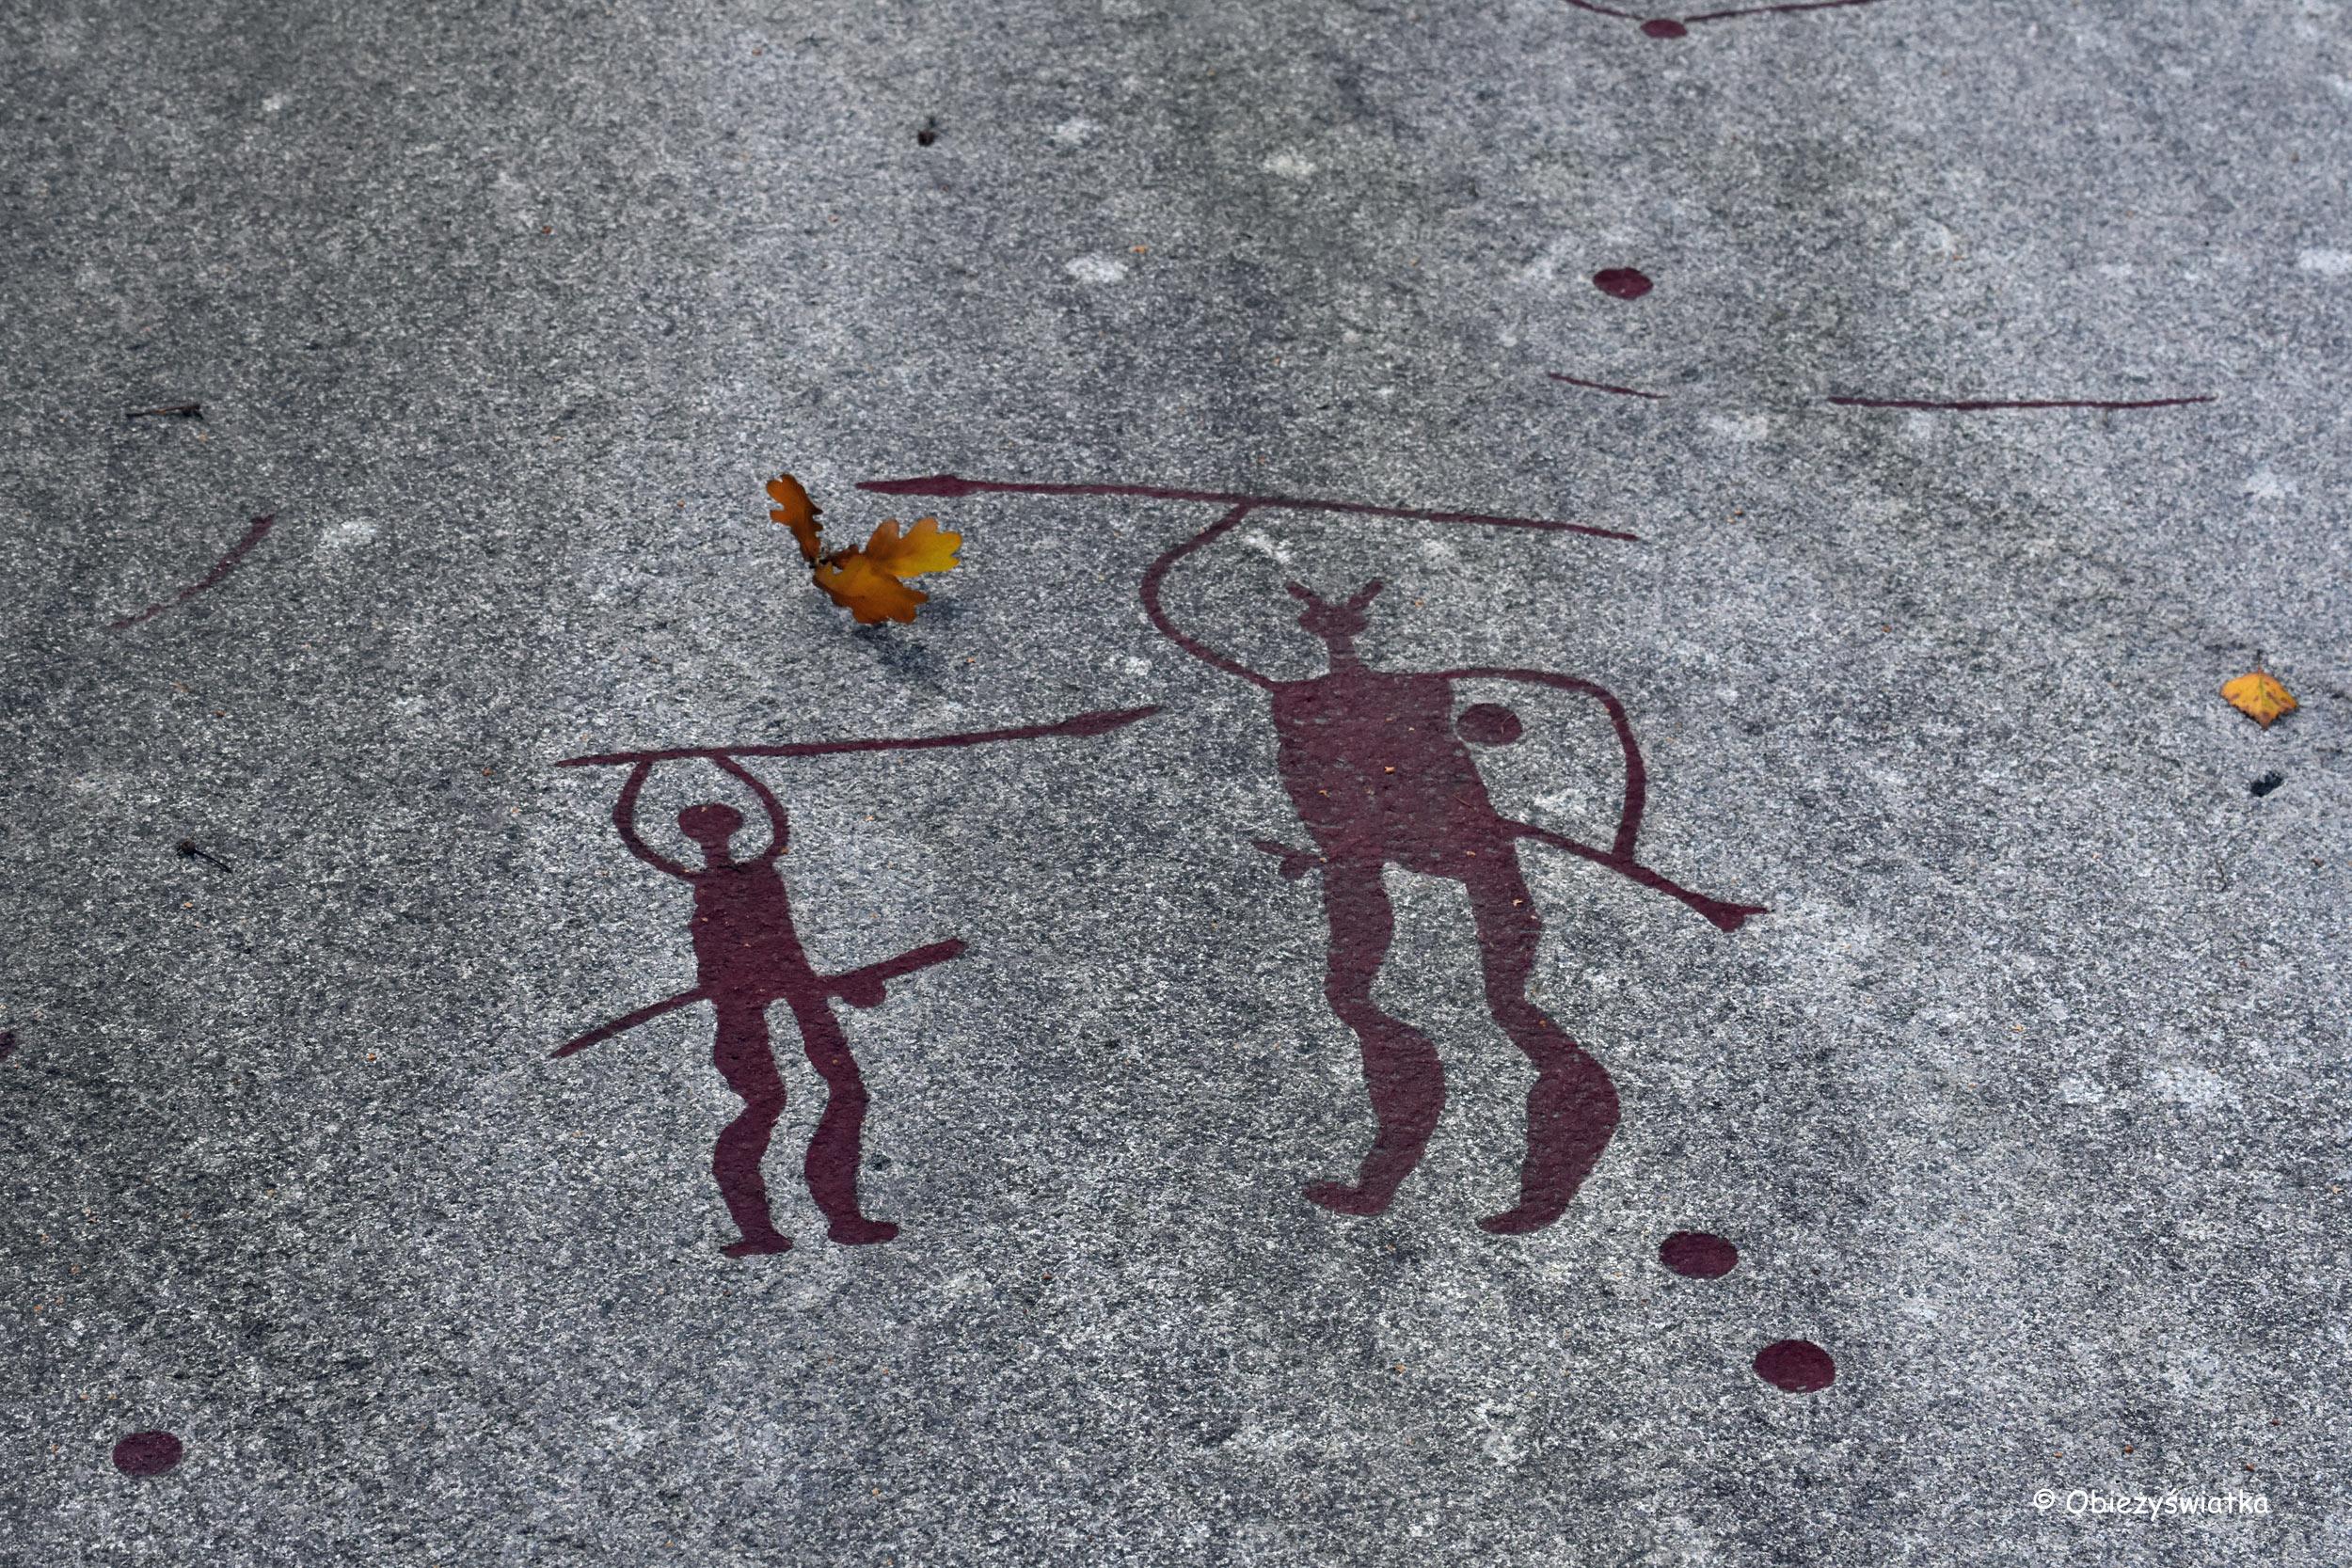 Jeden z przykładów prehistorycznej sztuki naskalnej w Tanumshede, Szwecja